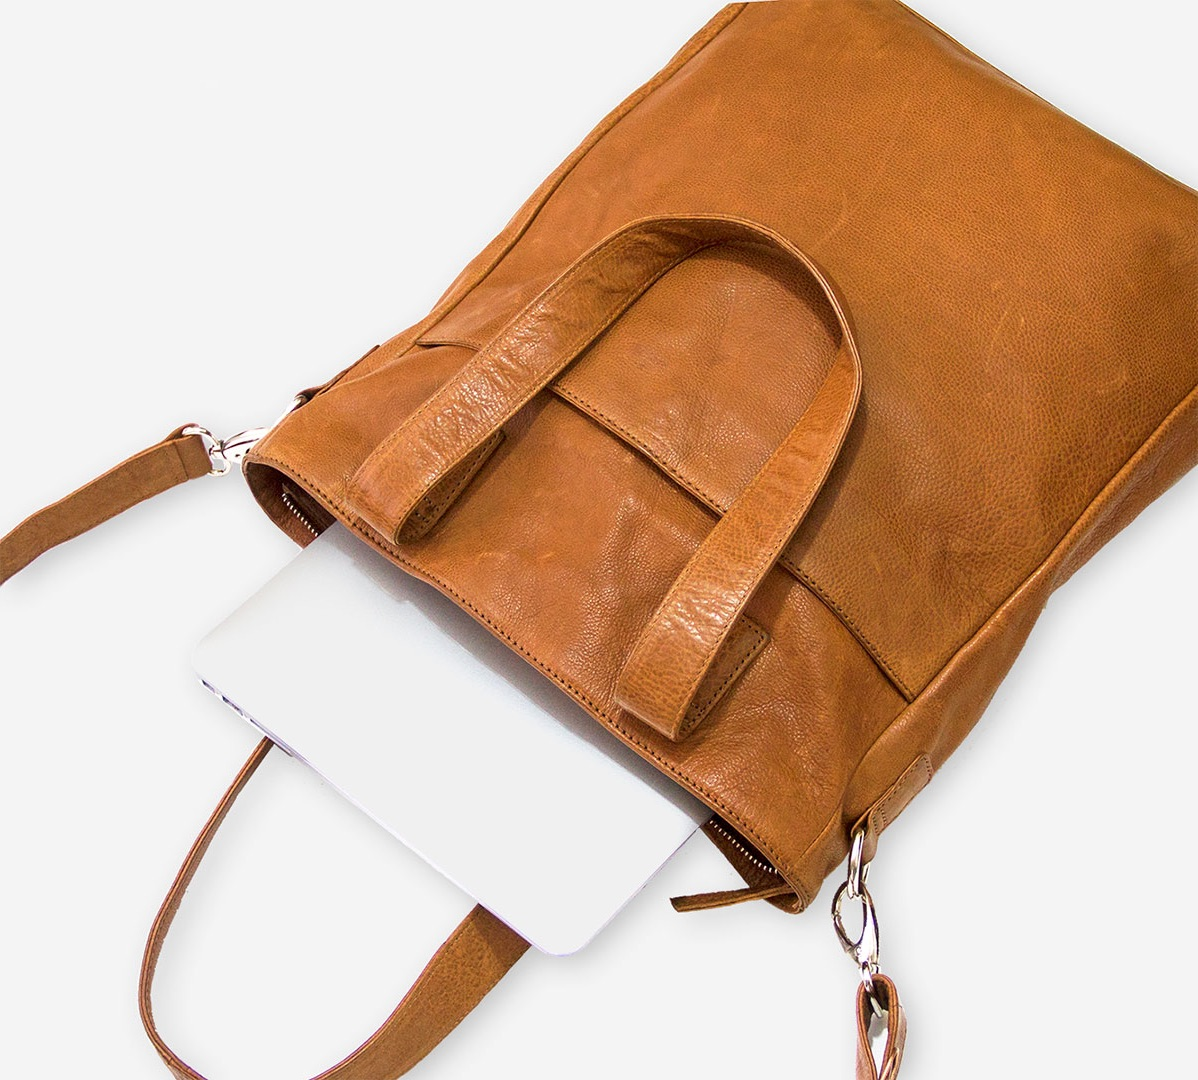 Skuldertaske shopper i stilrent dansk design Flot og praktisk shopper tasker til kvinder Smuk og populær taske til hverdag i ægte læder Taske fra Birkmond, butik i Aarhus og København taskebutik med lædervarer af høj kvalitet